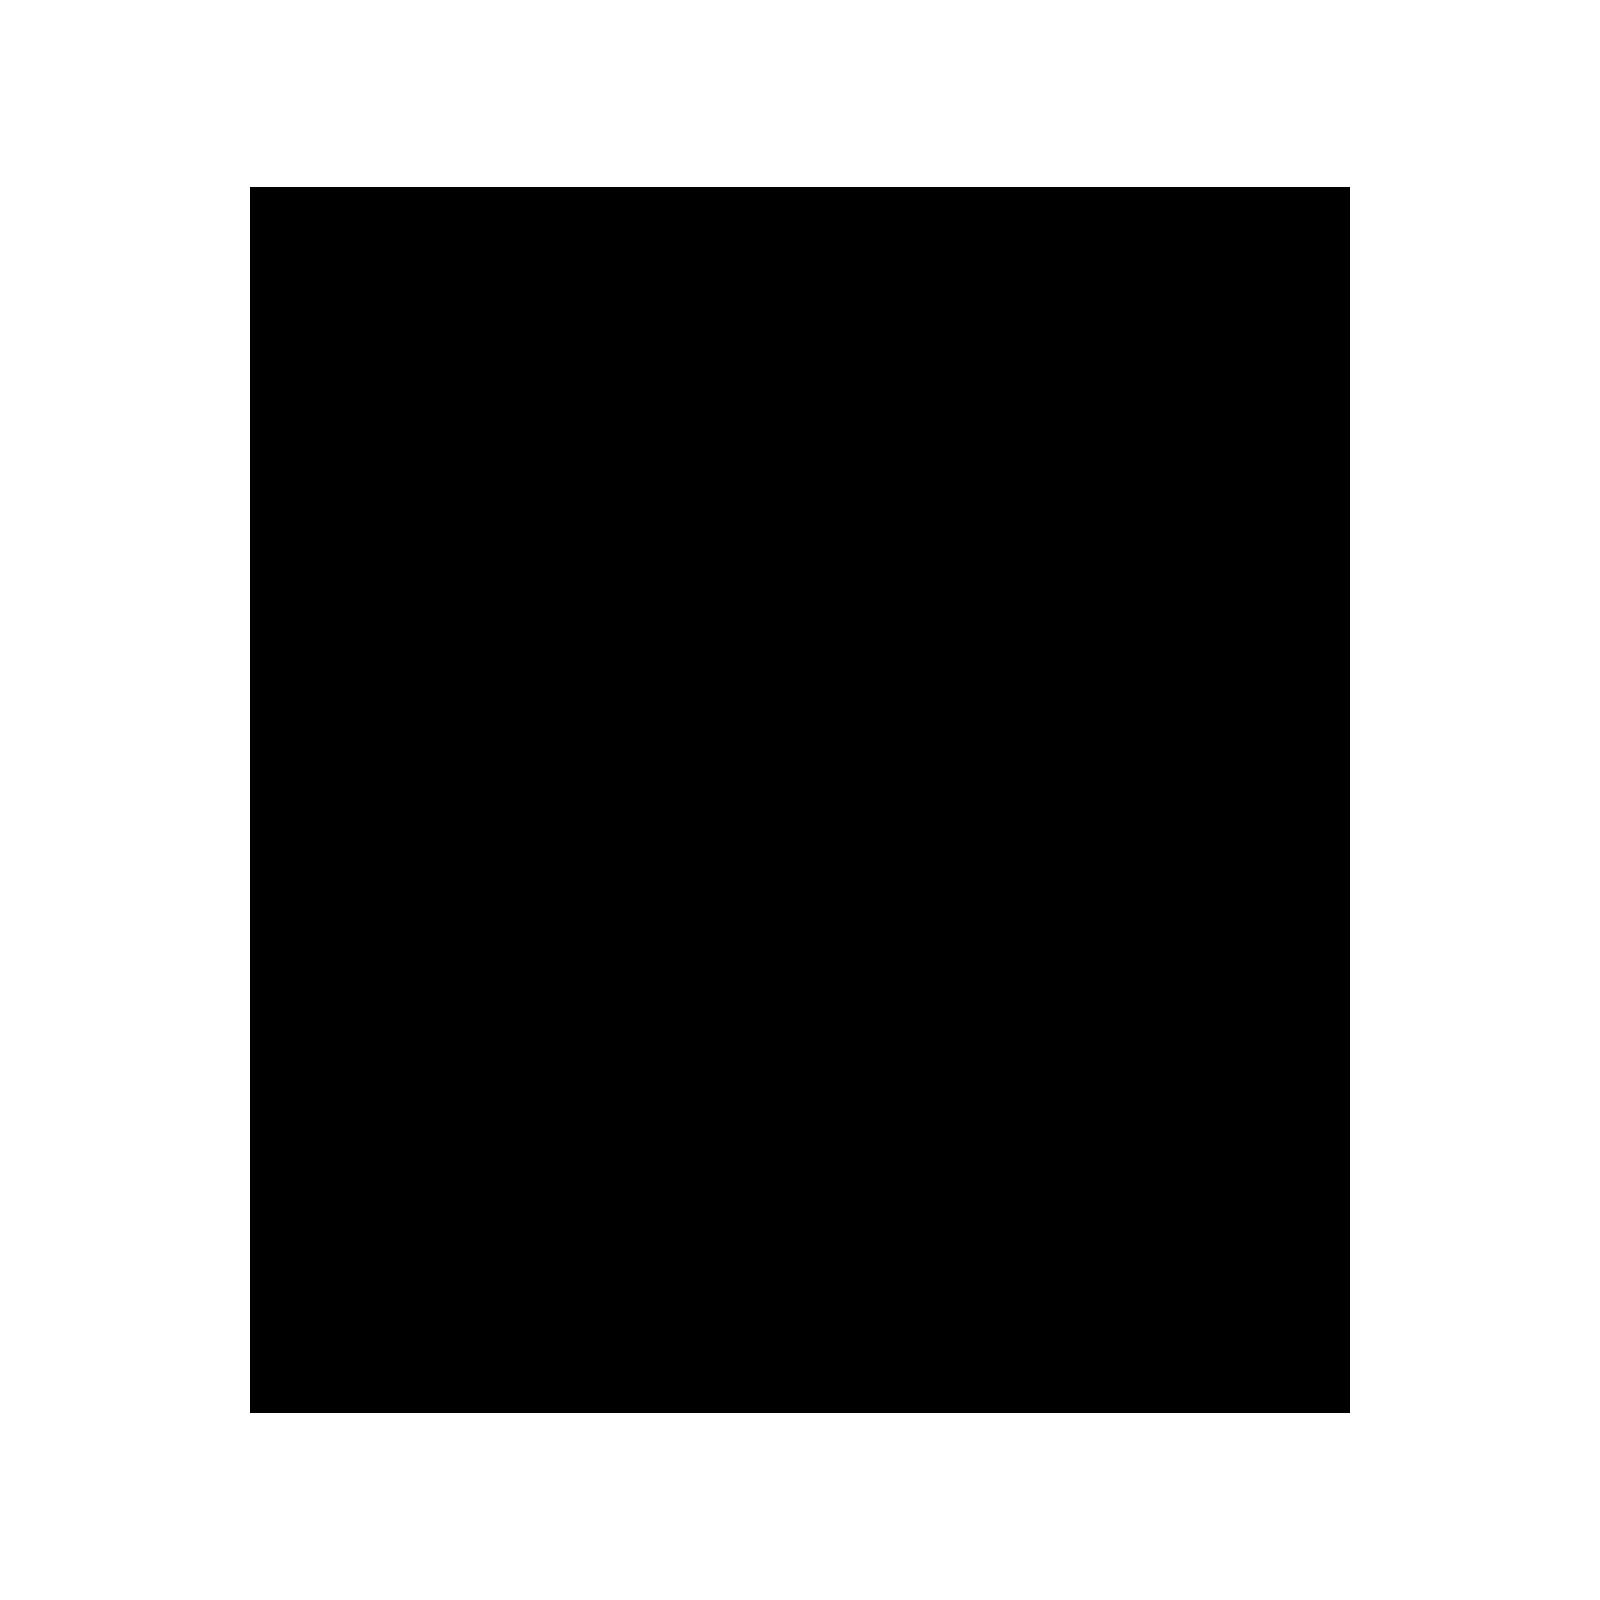 Douchette an ABS avec picots anti-calcaire